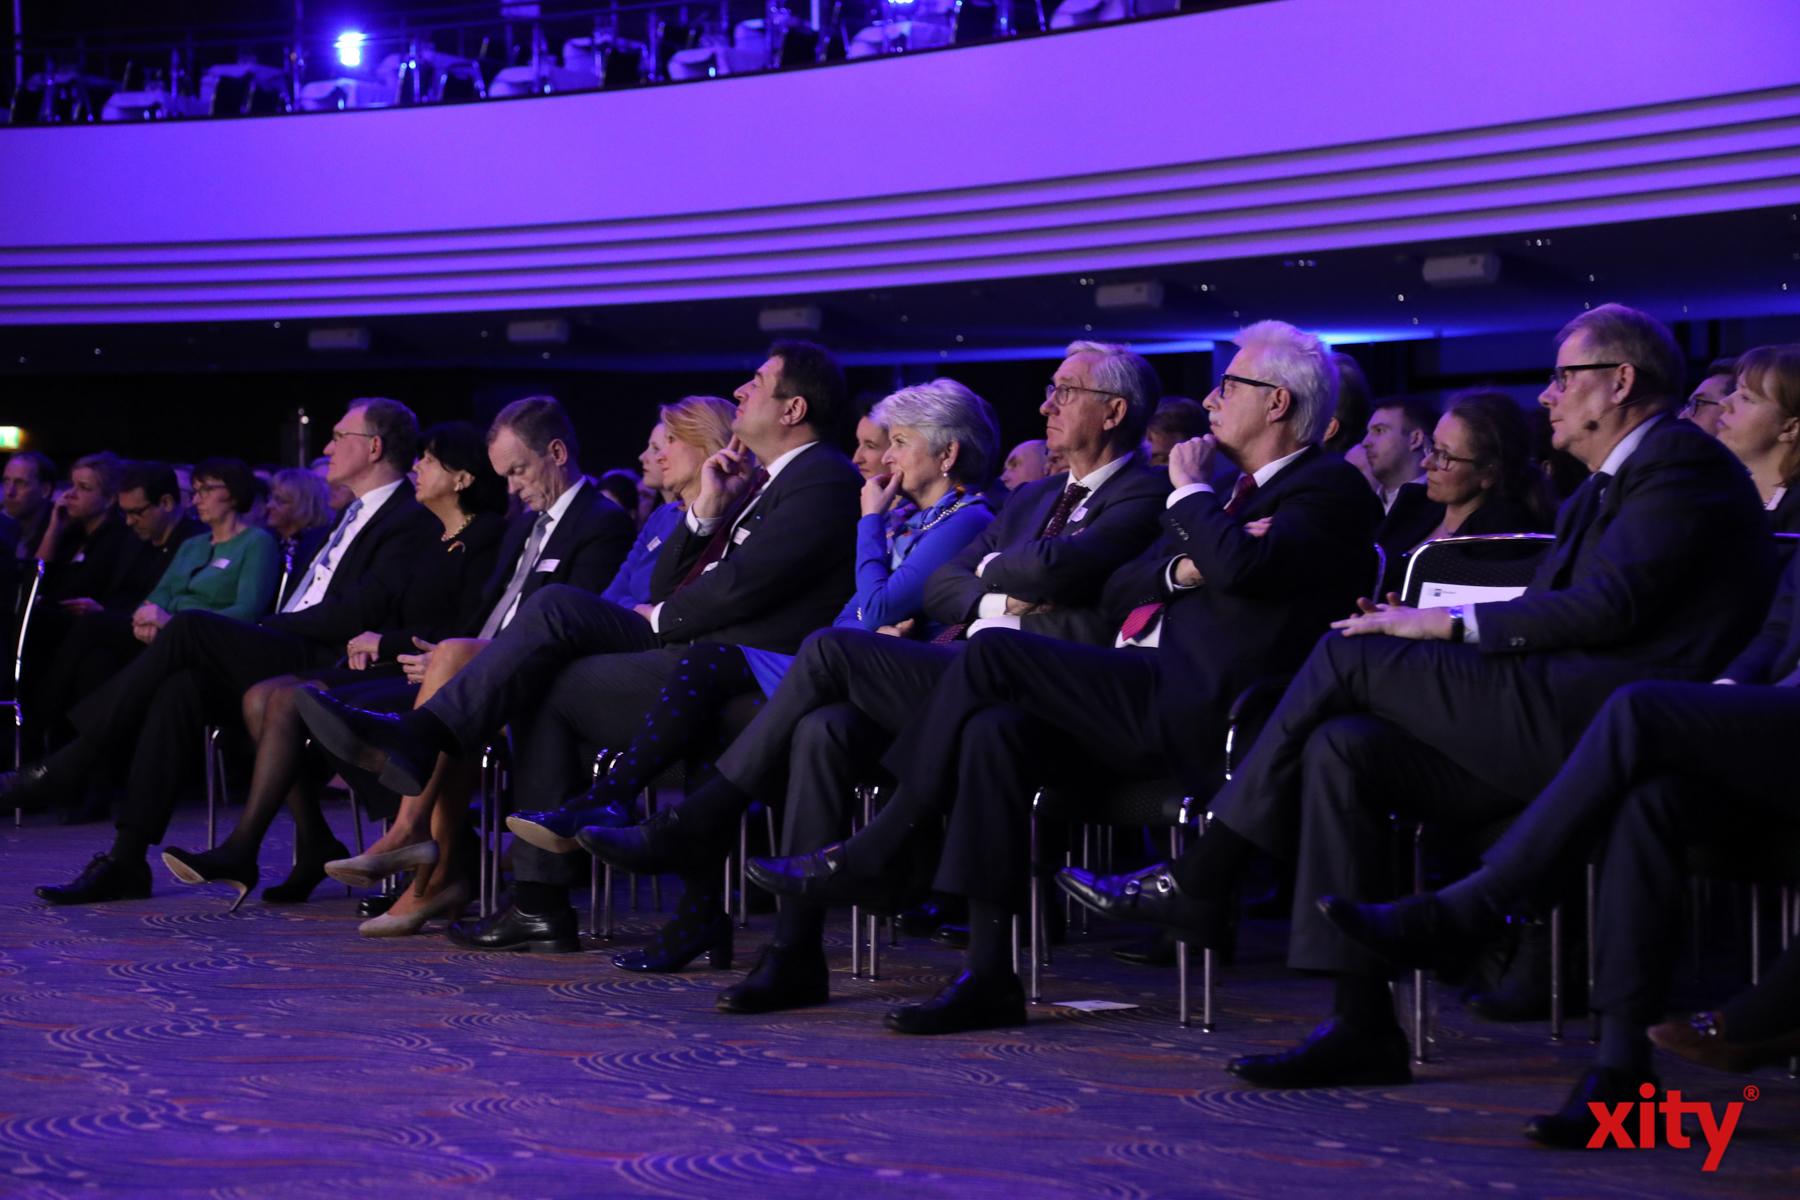 Rund 1400 Gäste aus Politik und Wirtschaft waren der Einladung der IHK gefolgt (Foto: xity)